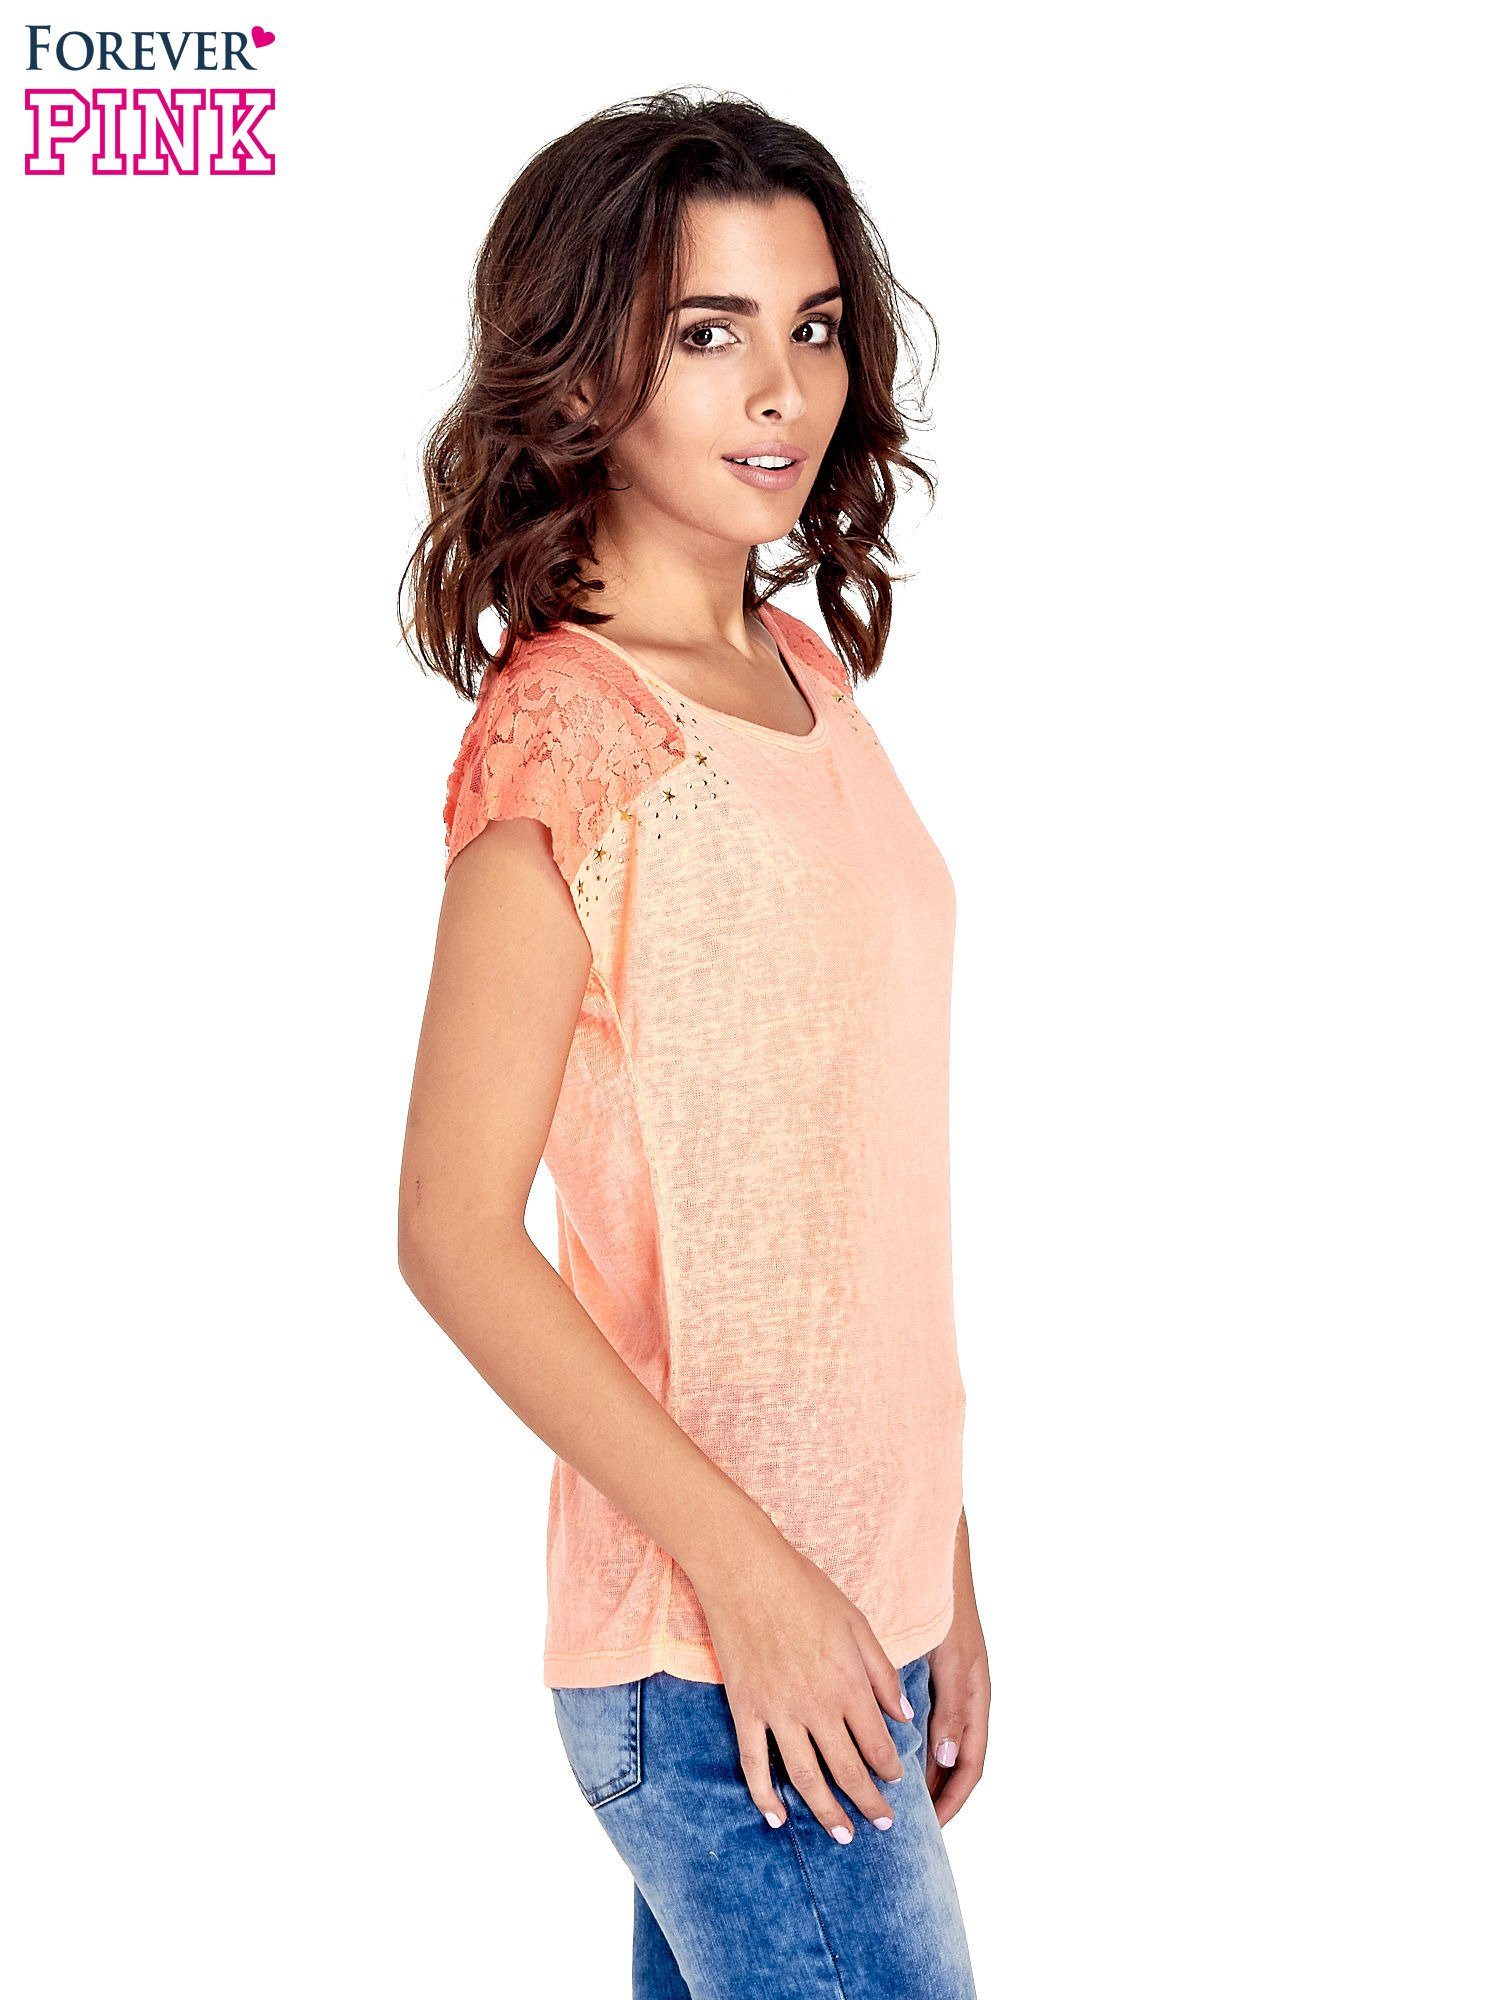 Koralowy t-shirt z koronkowymi rękawami i gwiazdkami                                  zdj.                                  3